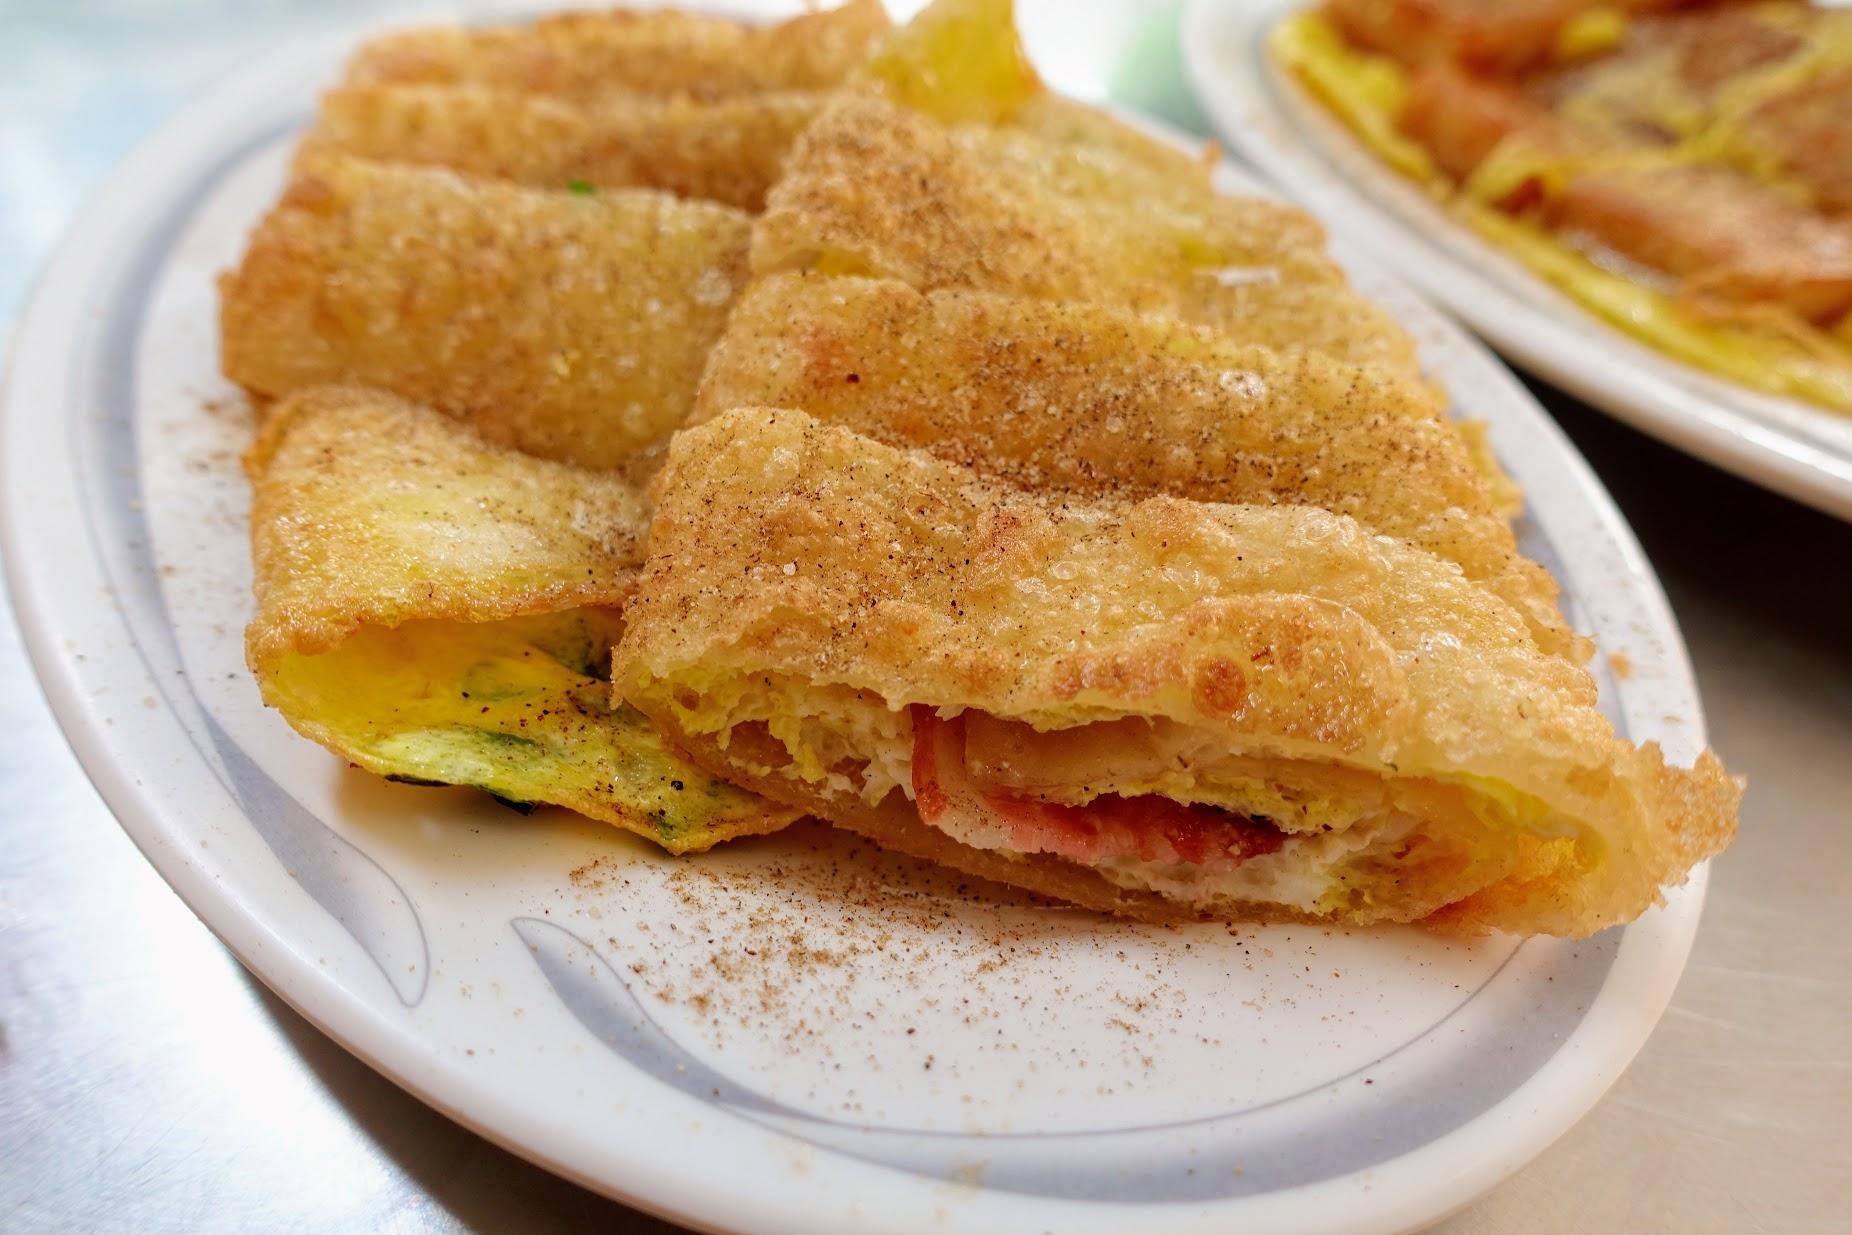 培根蛋餅,是傳統蛋餅,蛋餅皮很脆! 真的很酥脆喔~~